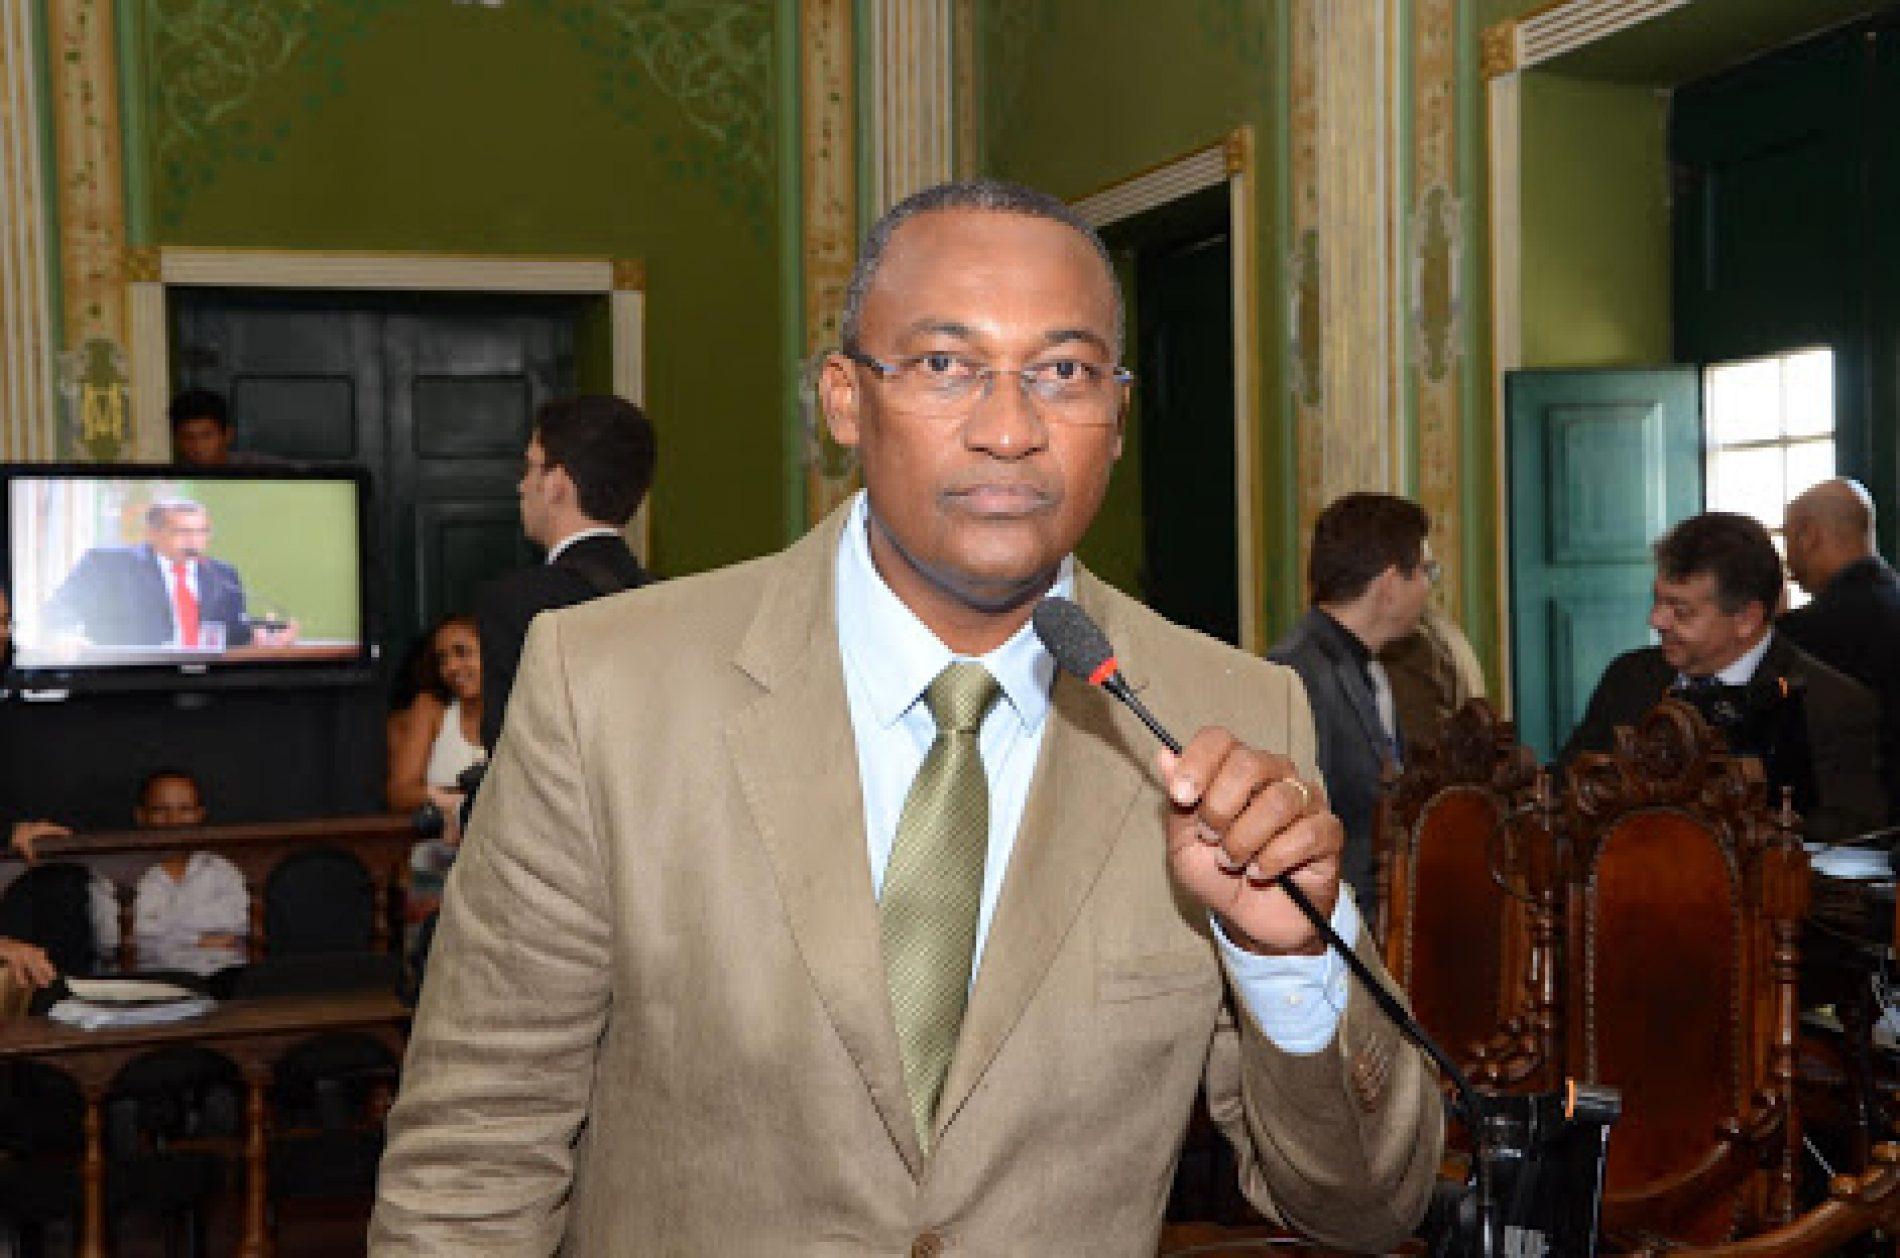 Câmara acompanhará apuração sobre agressão a Carolino